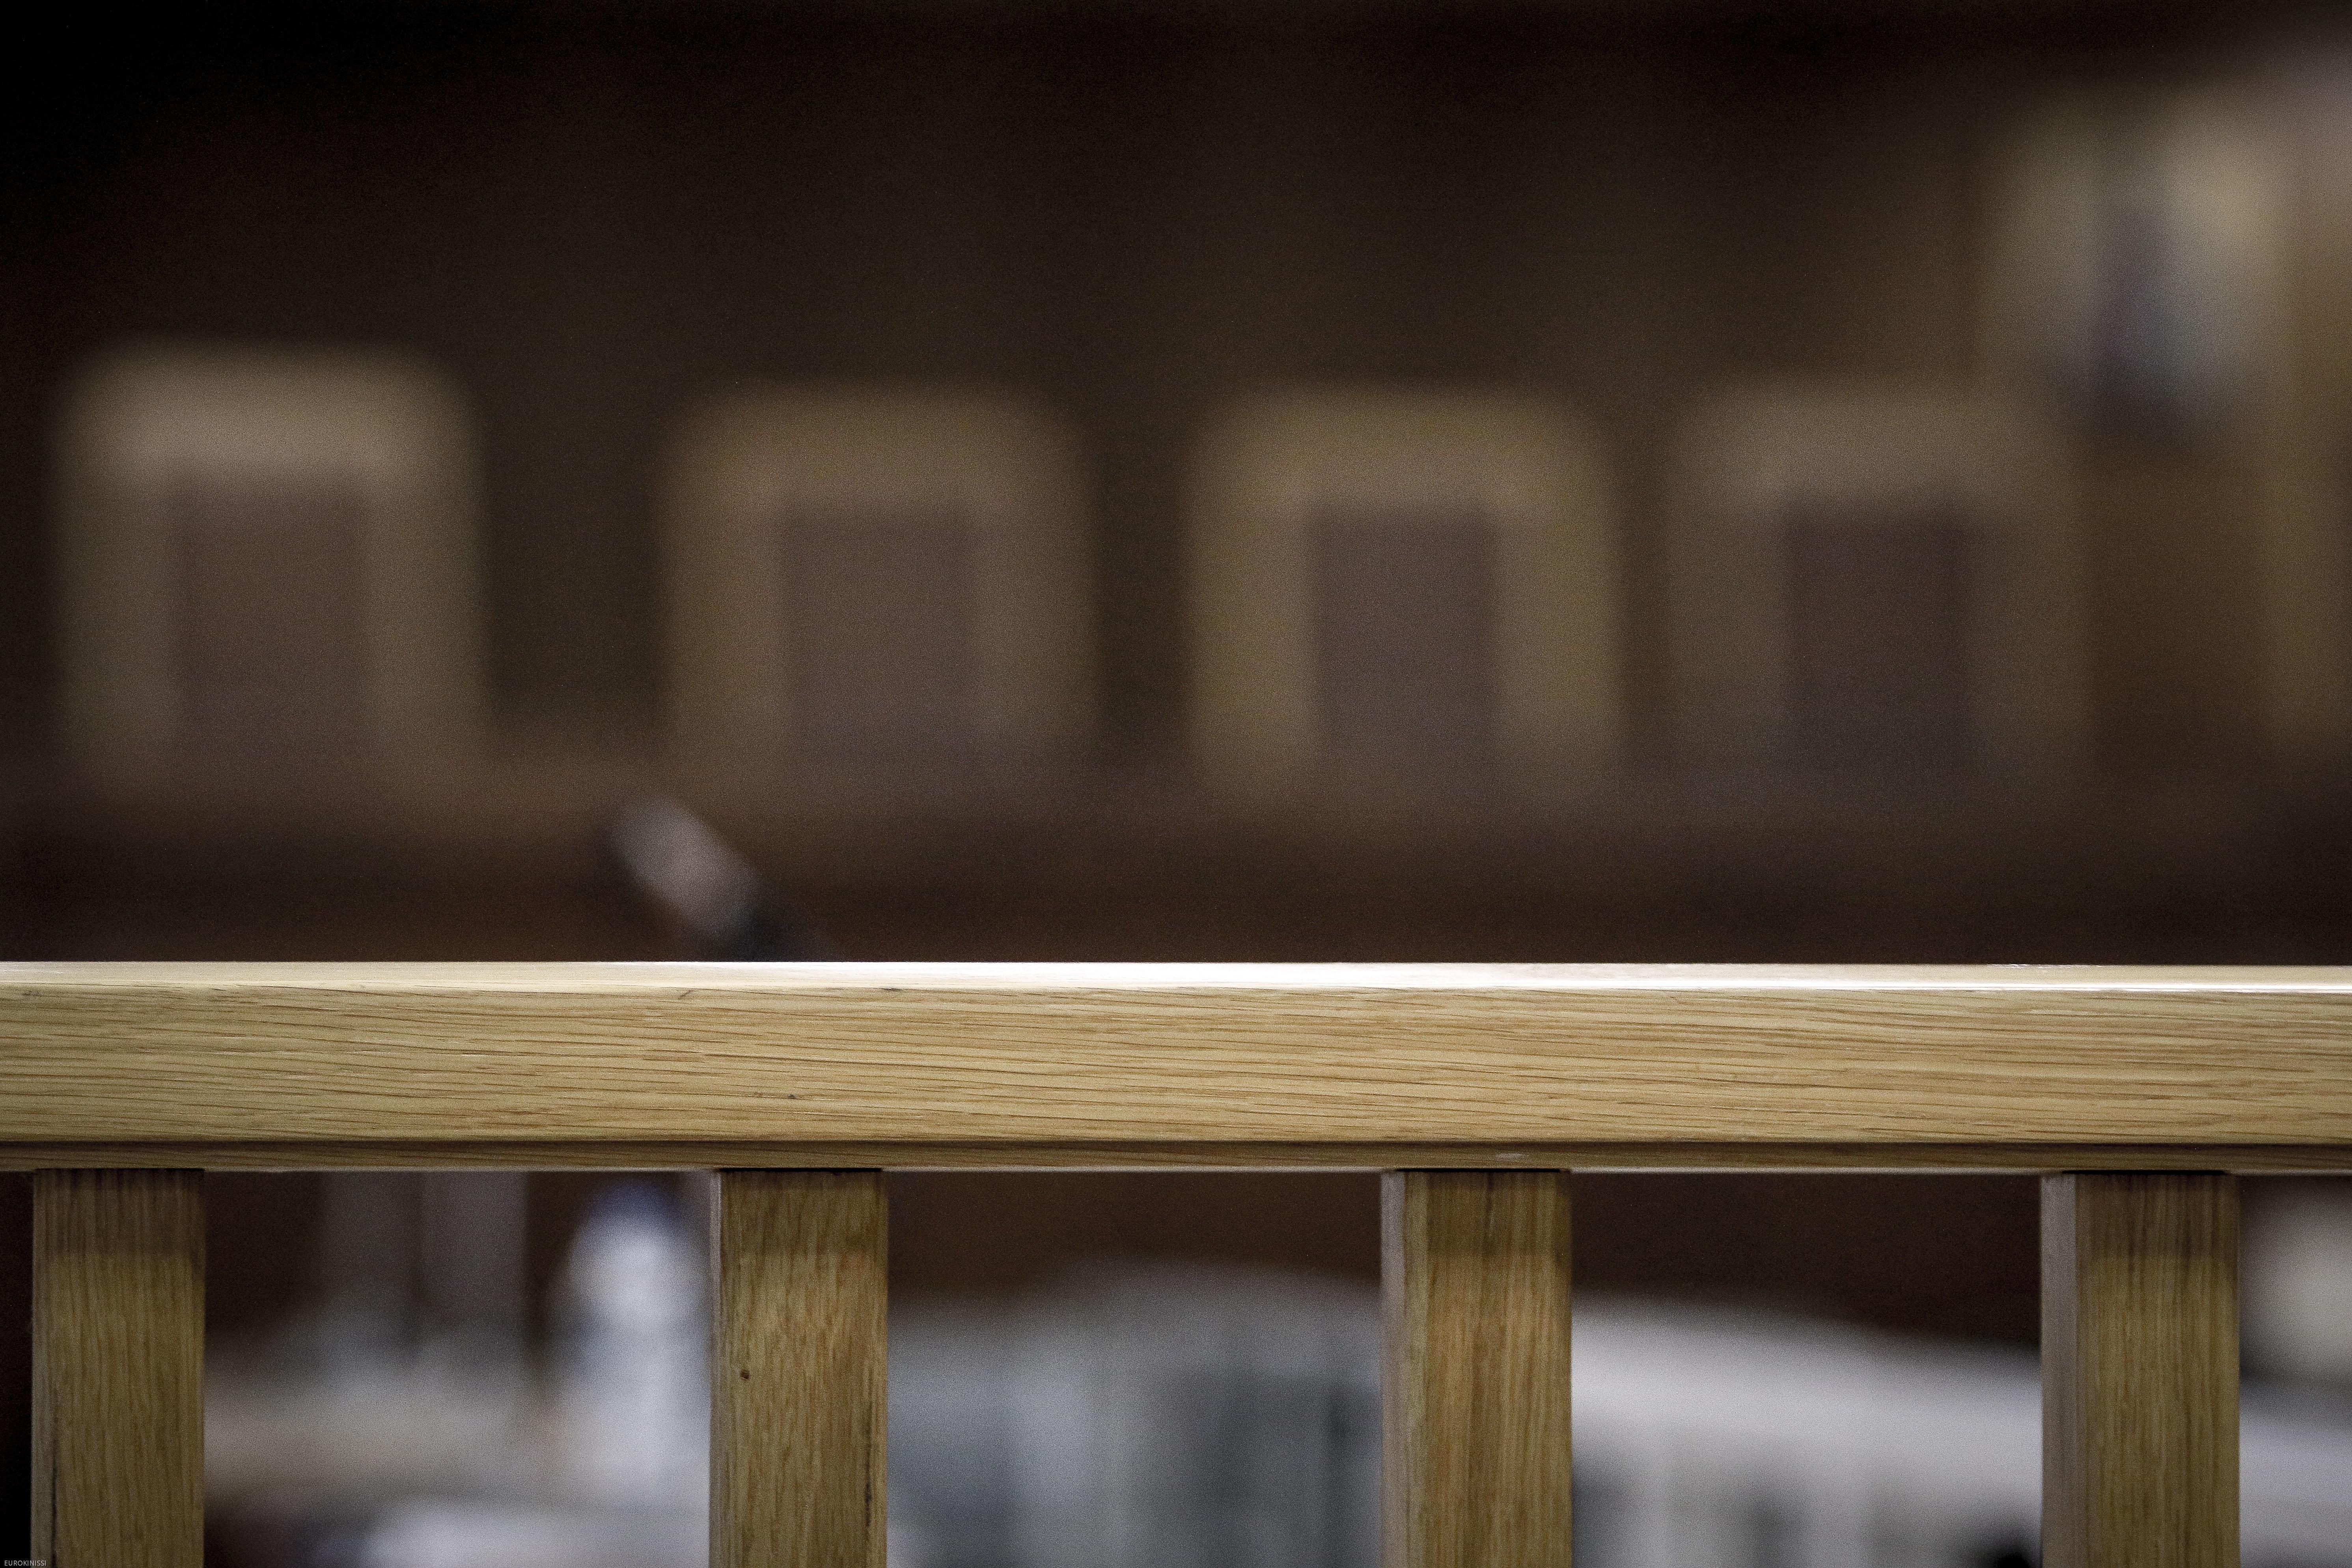 Αθώοι στο εφετείο όλοι οι κατηγορούμενοι για το «σκάνδαλο των